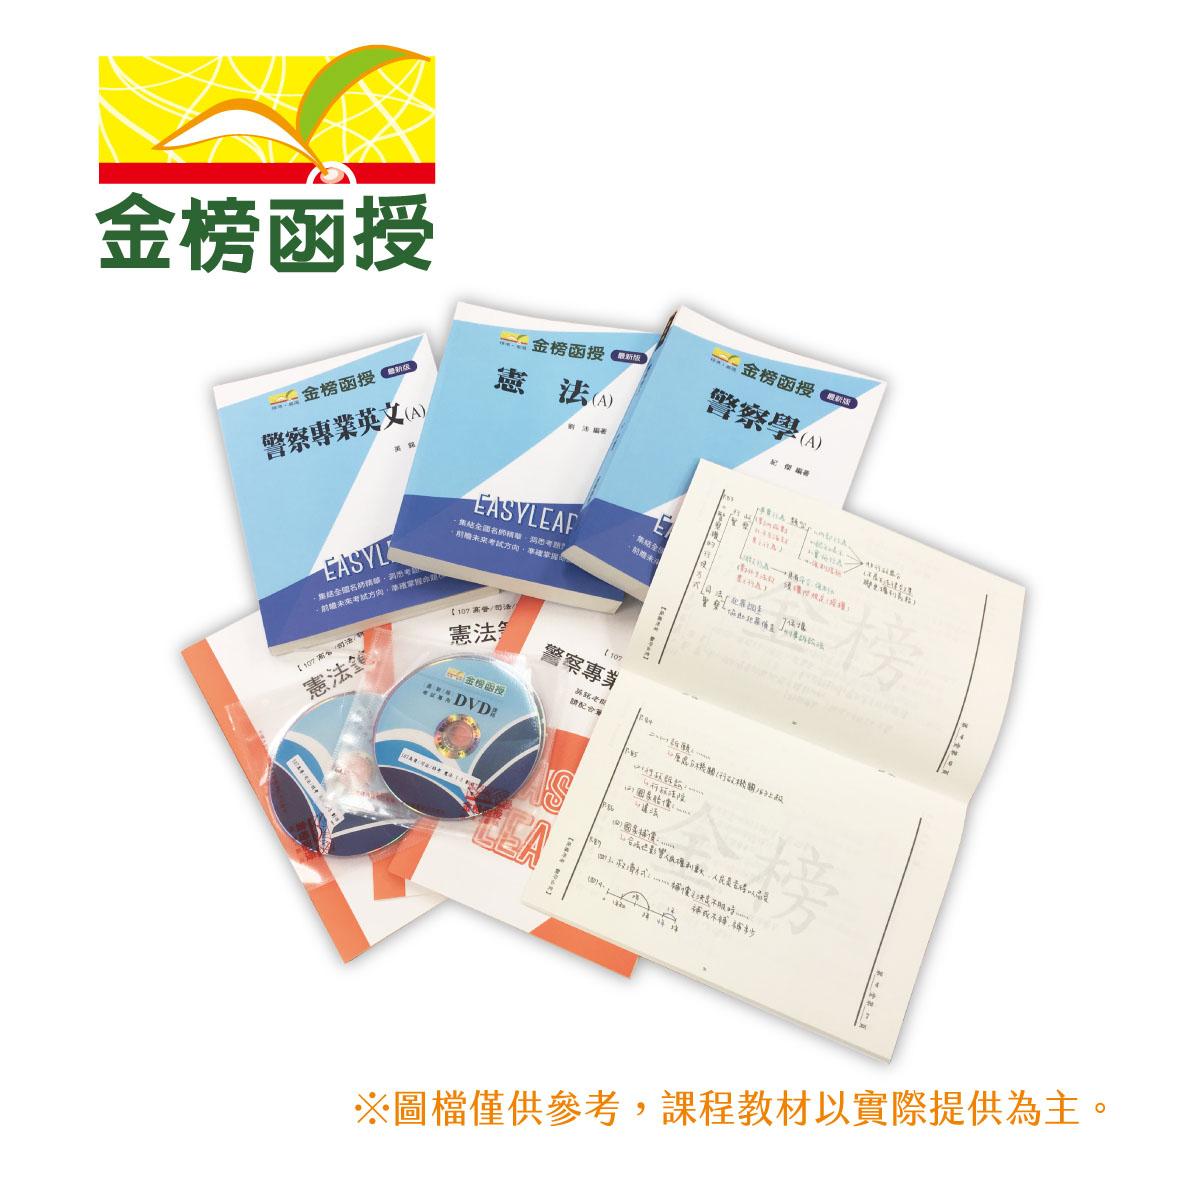 108金榜函授/初等考/全套/经建行政/云端